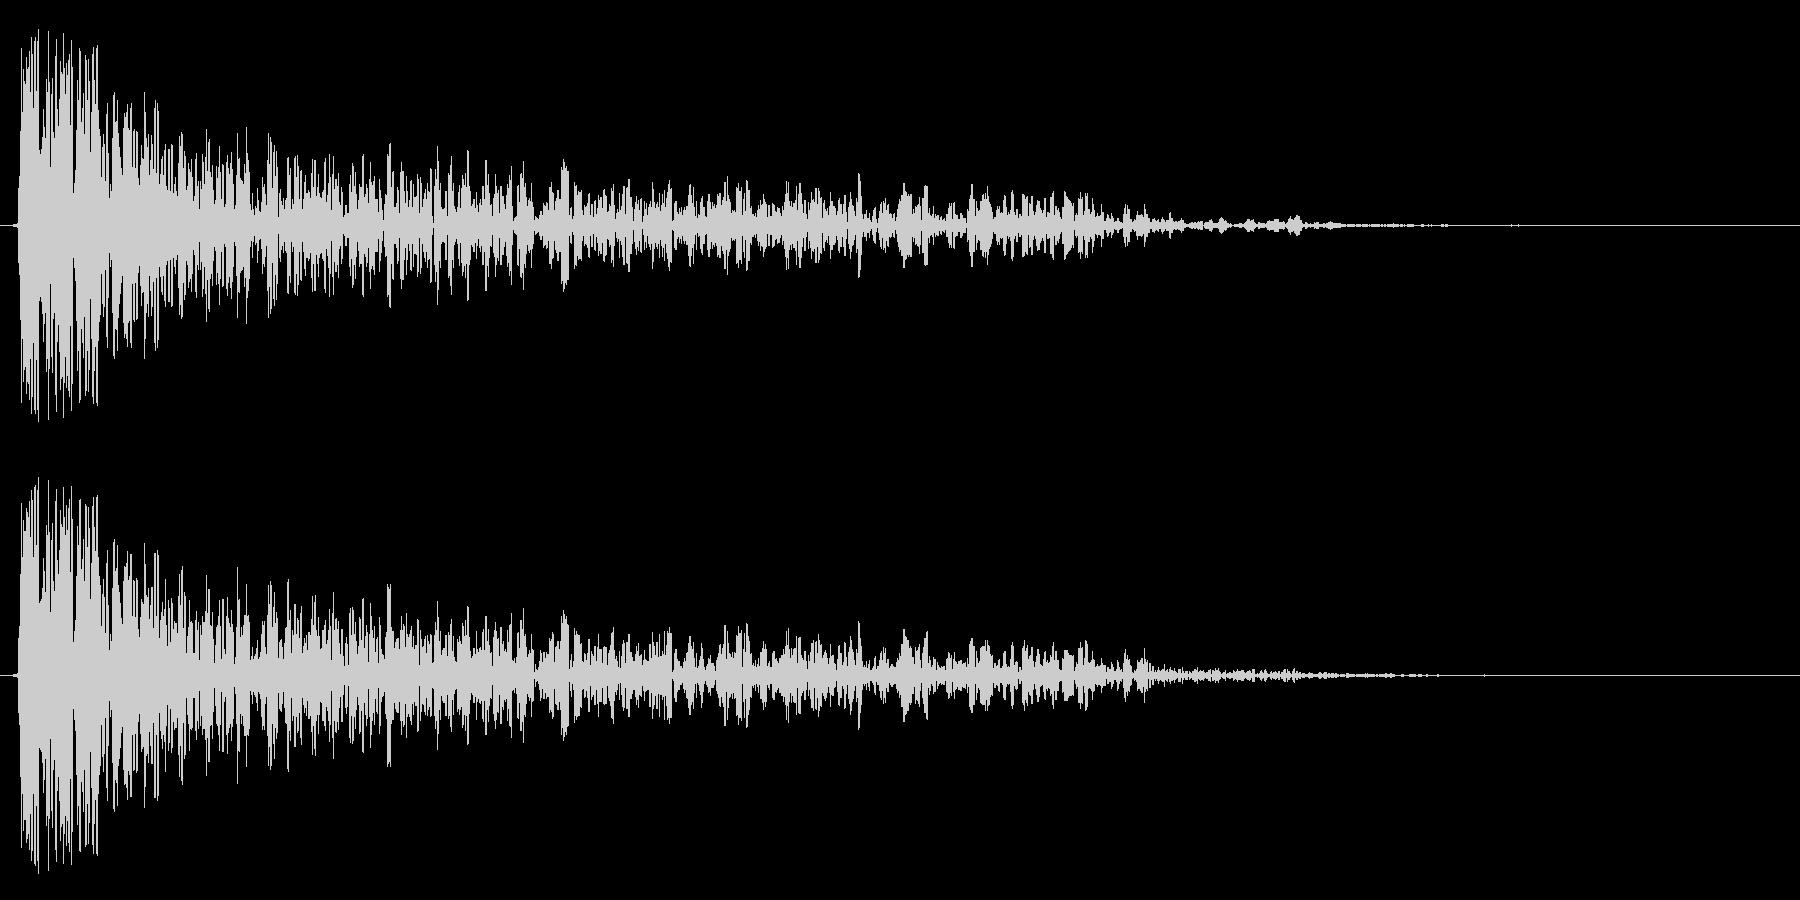 SFバズーカ砲の効果音、バズーカ砲、キ…の未再生の波形